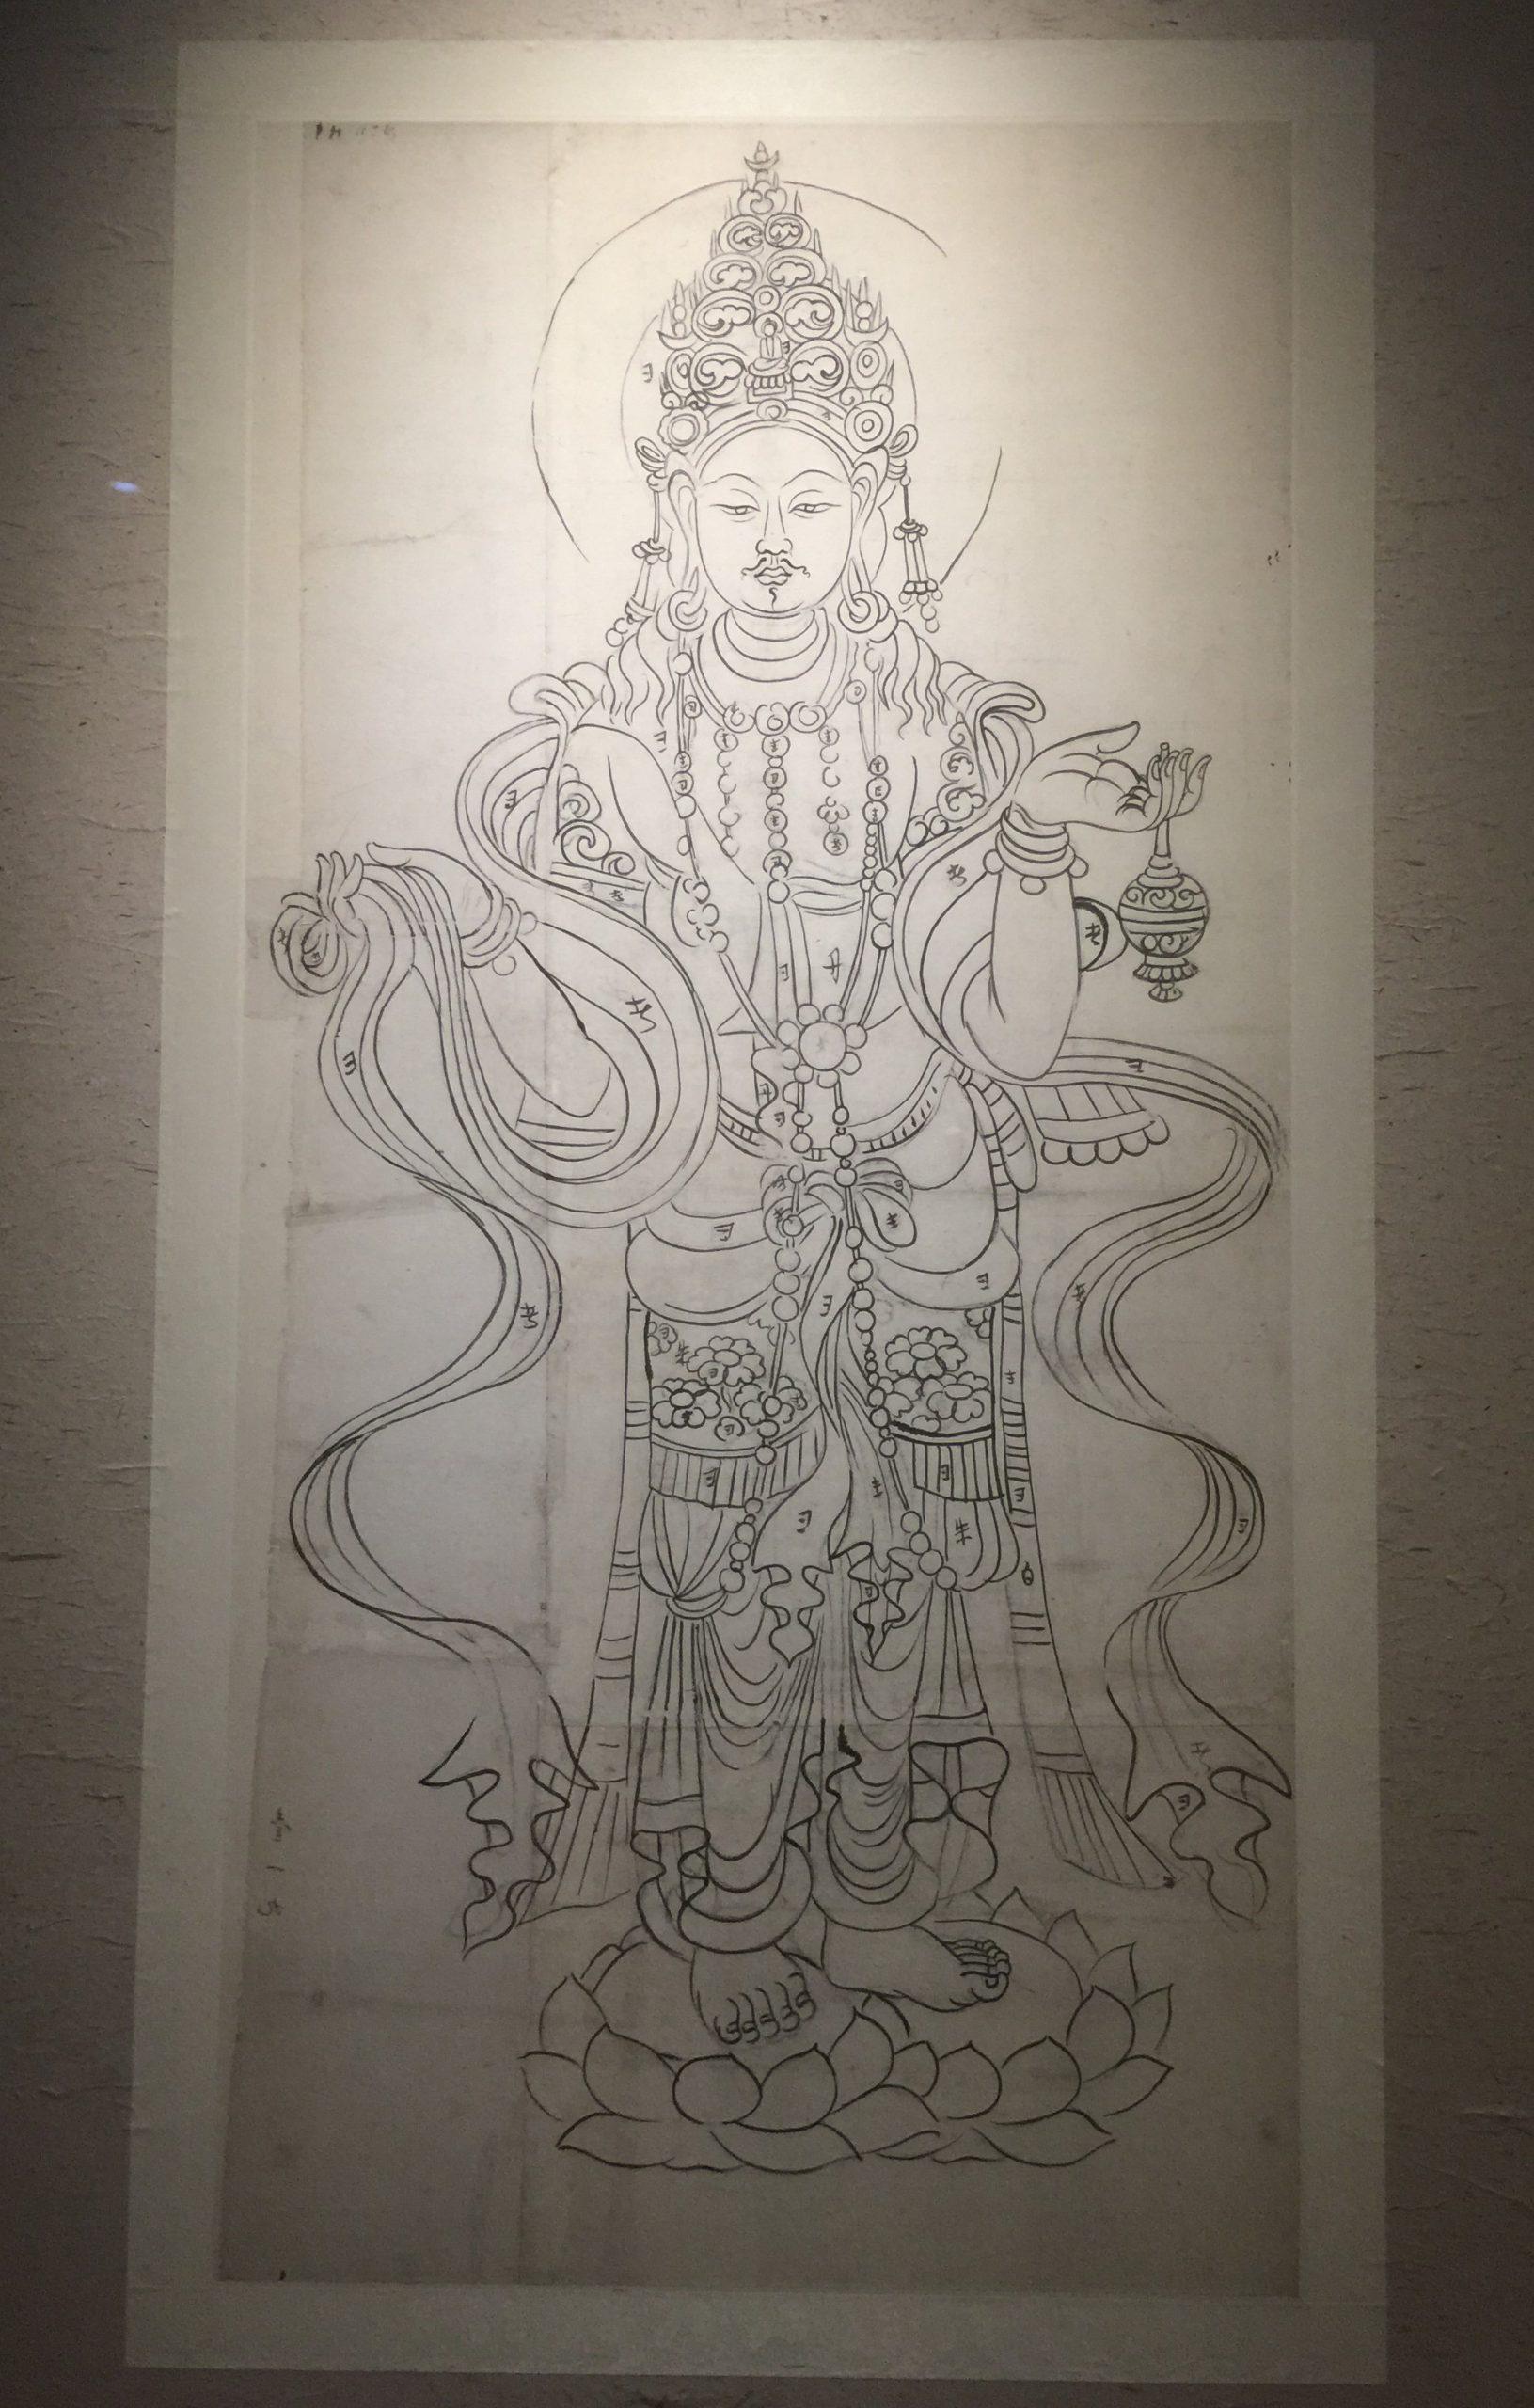 張大千臨摹敦煌壁画稿-張大千芸術館-四川博物院-成都